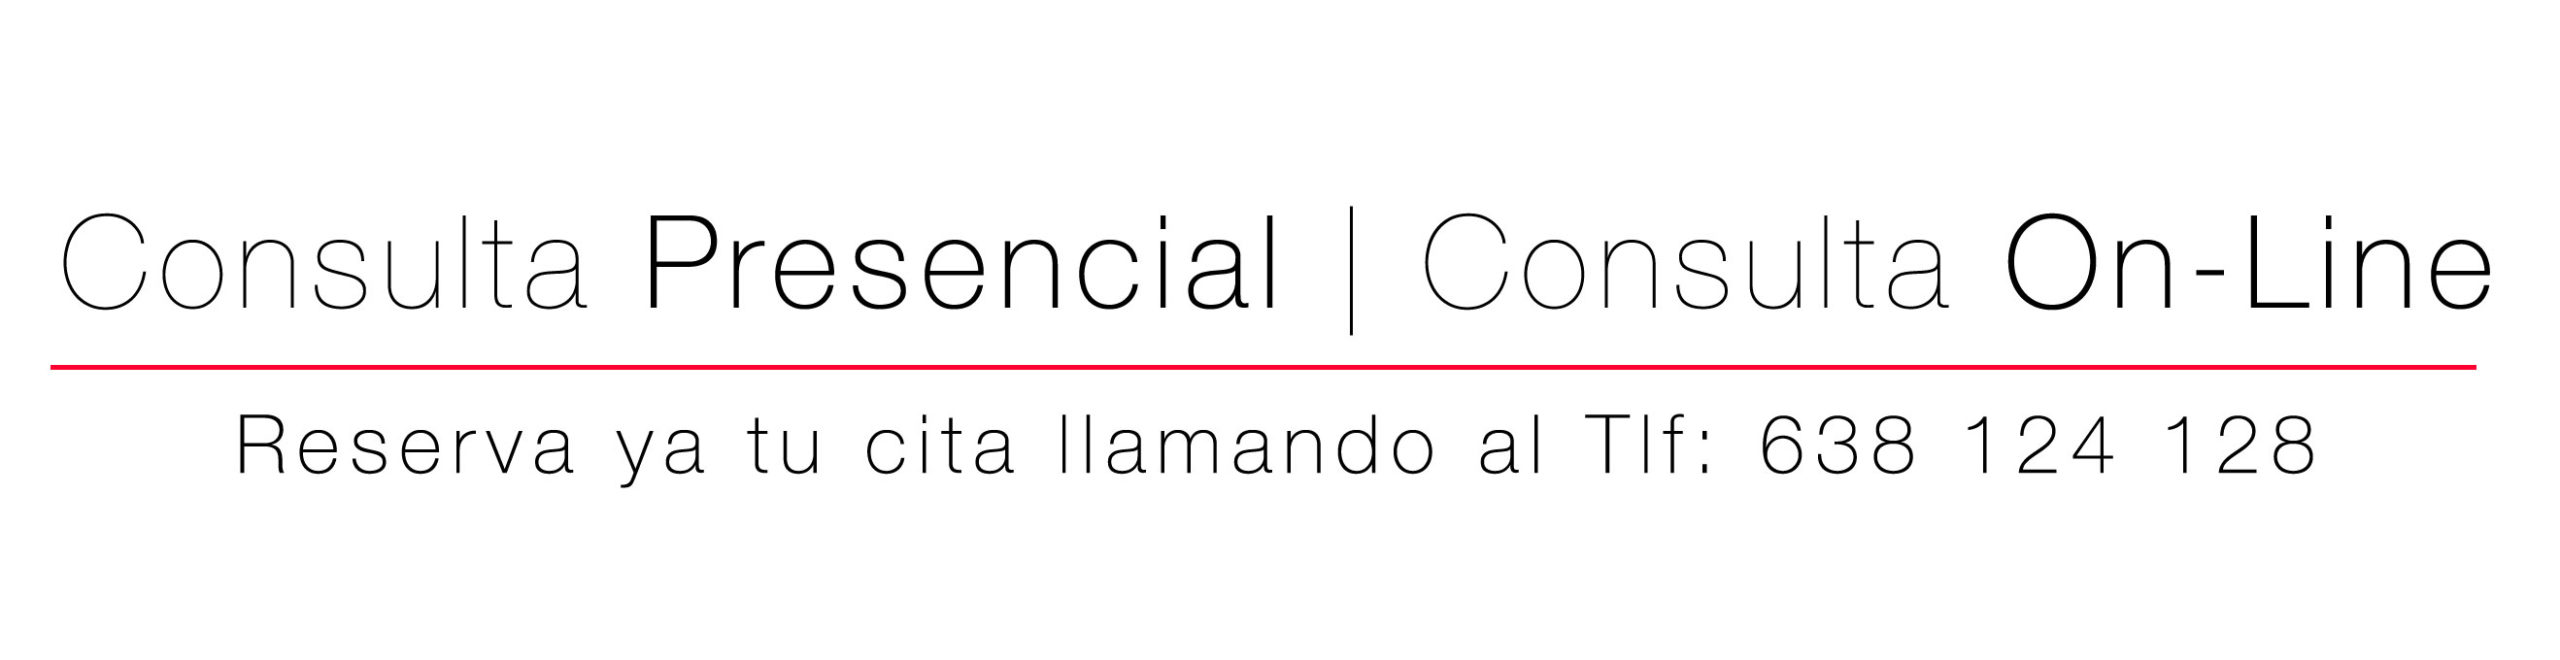 Consulta presencial y consulta On-line en la Clínica Gardoqui